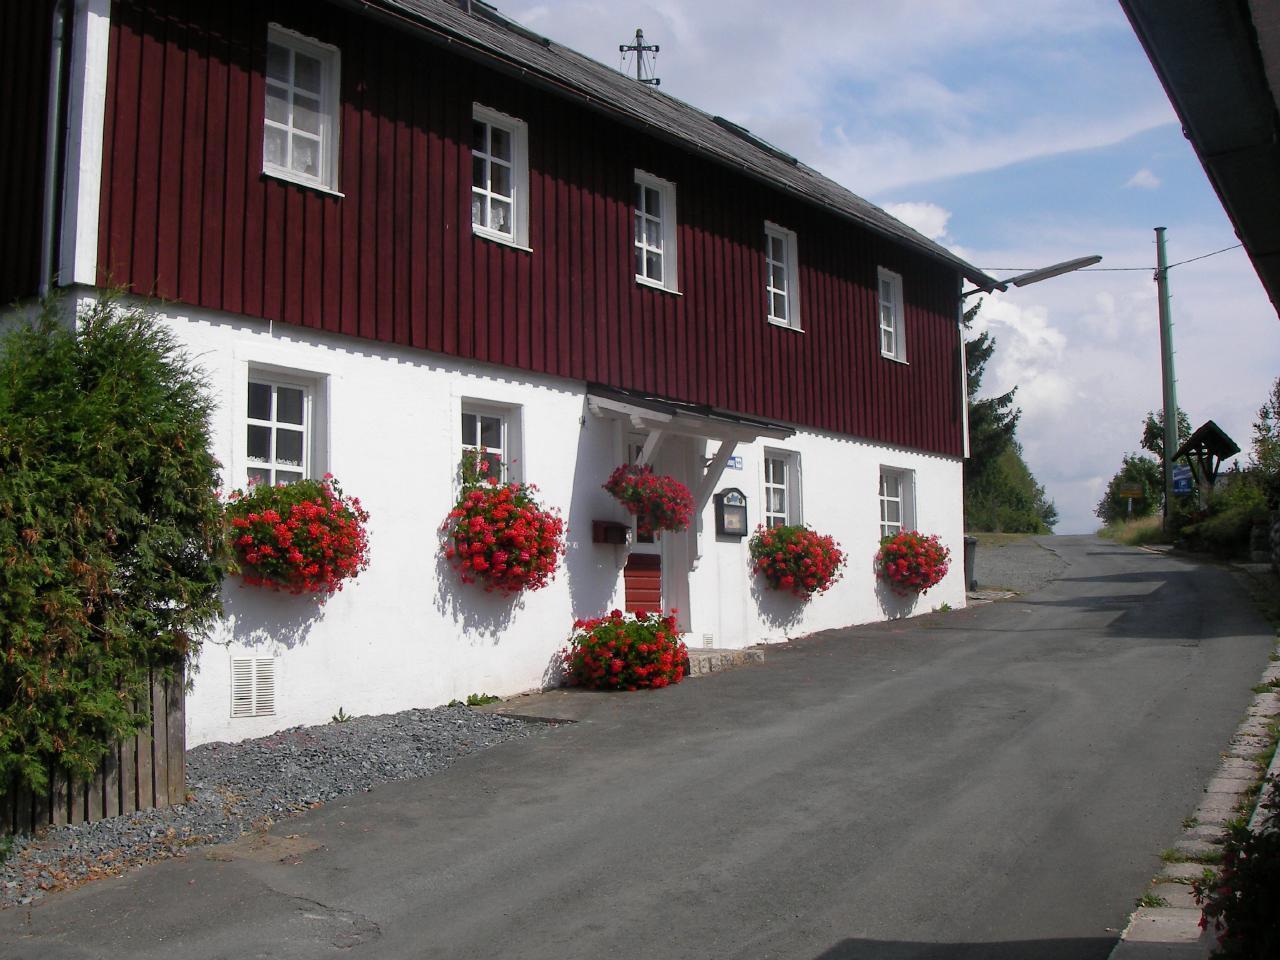 Ferienwohnung Haus Hilde Wohnung 2 (993407), Presseck, Oberfranken, Bayern, Deutschland, Bild 3